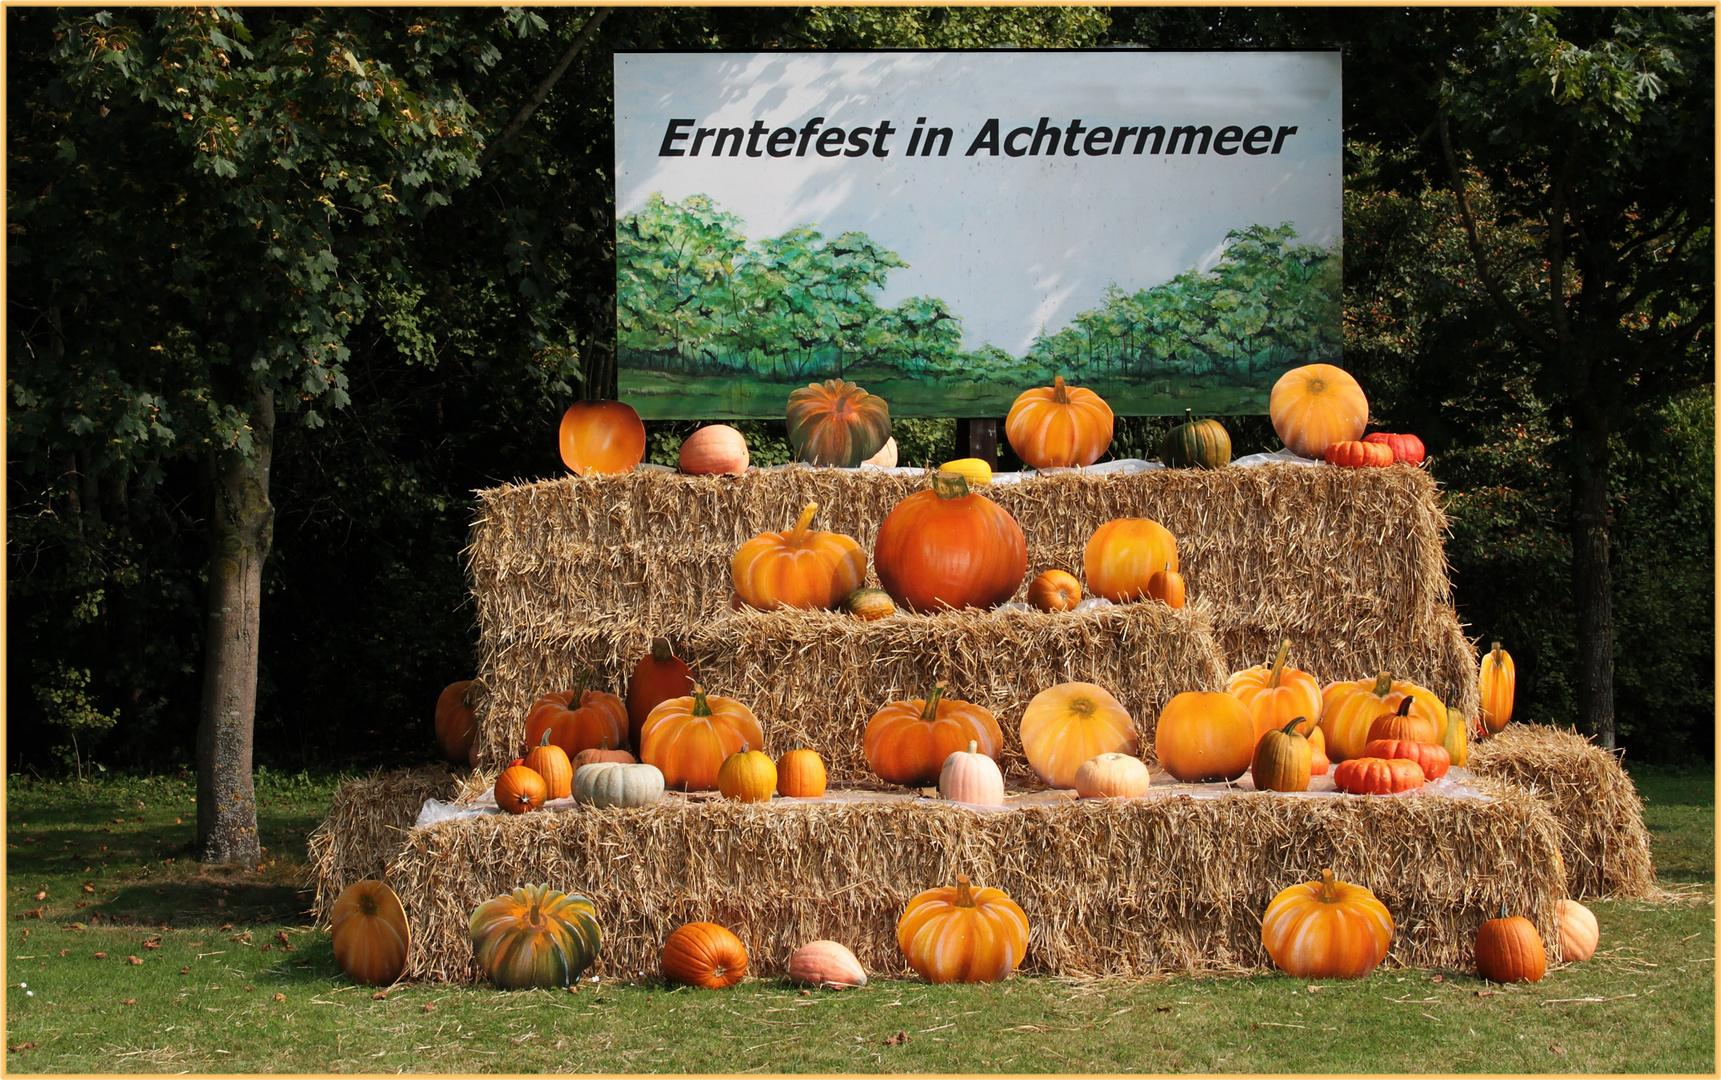 Erntefest in Achternmeer